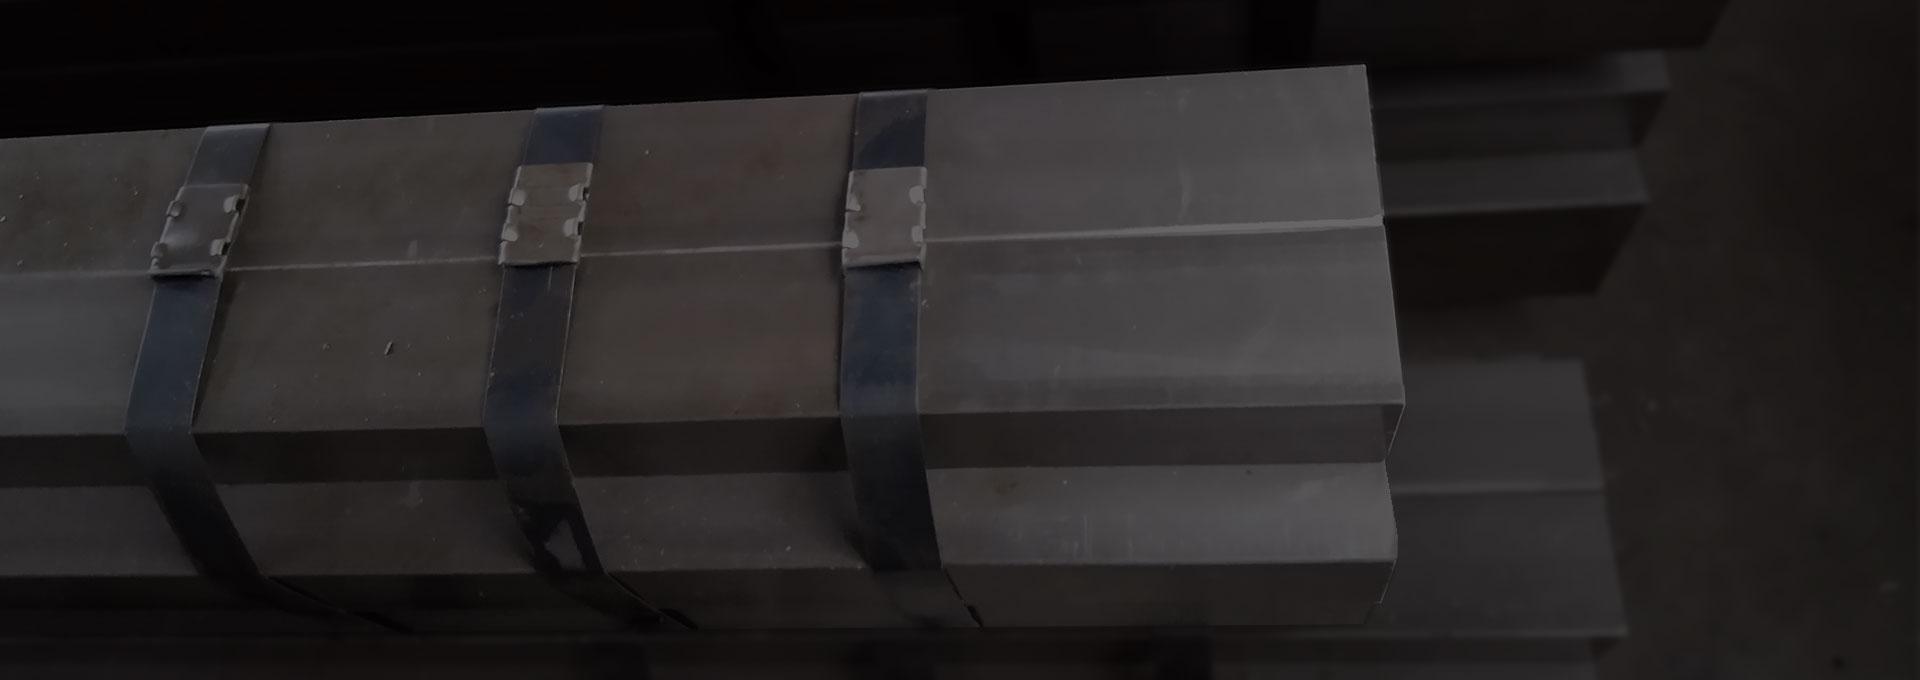 cold drawn steel suqare bar